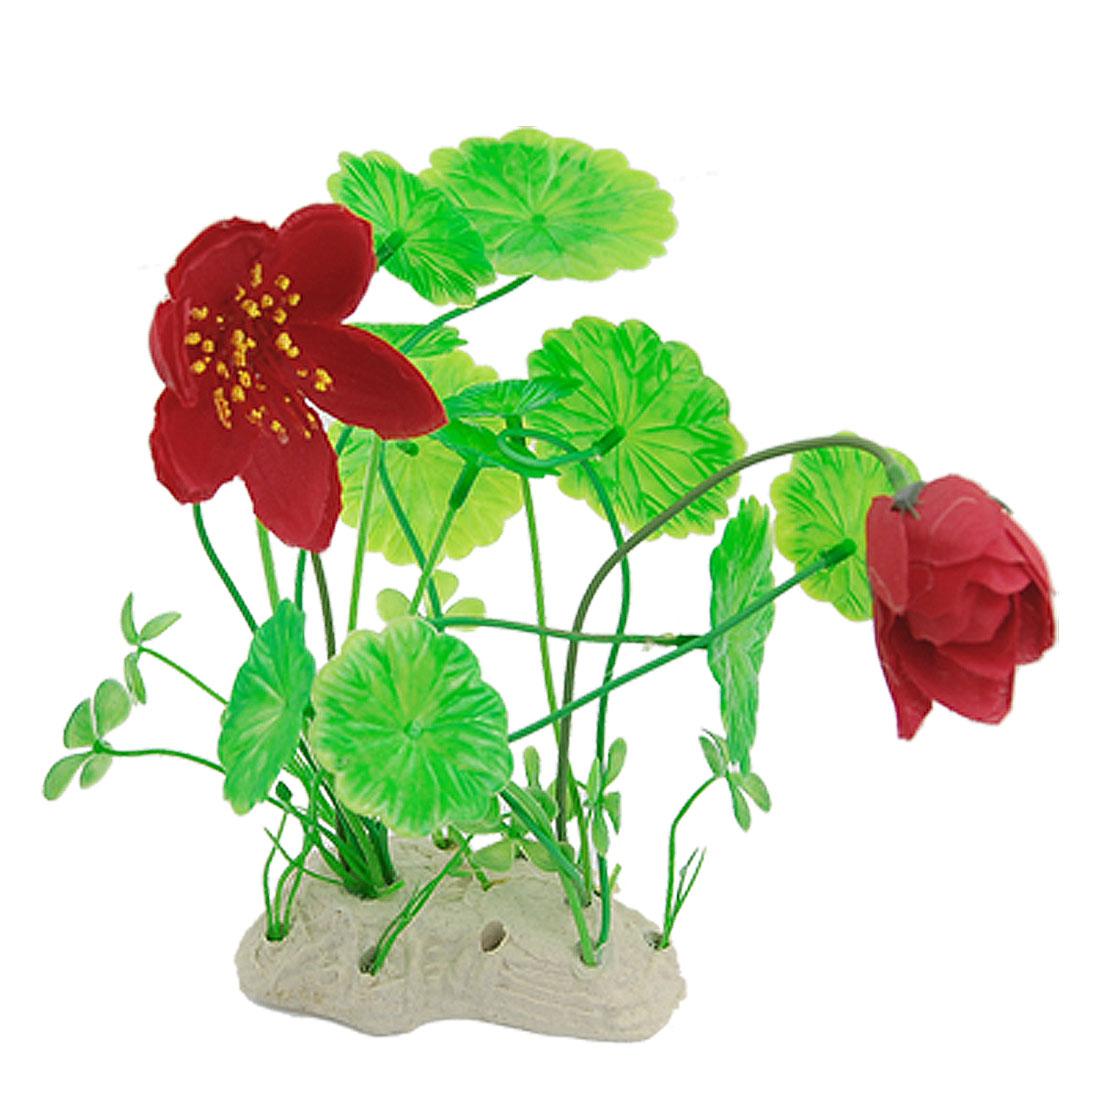 Manmade Red Green Underwater Lotus Flower Plant for Aquarium Decor